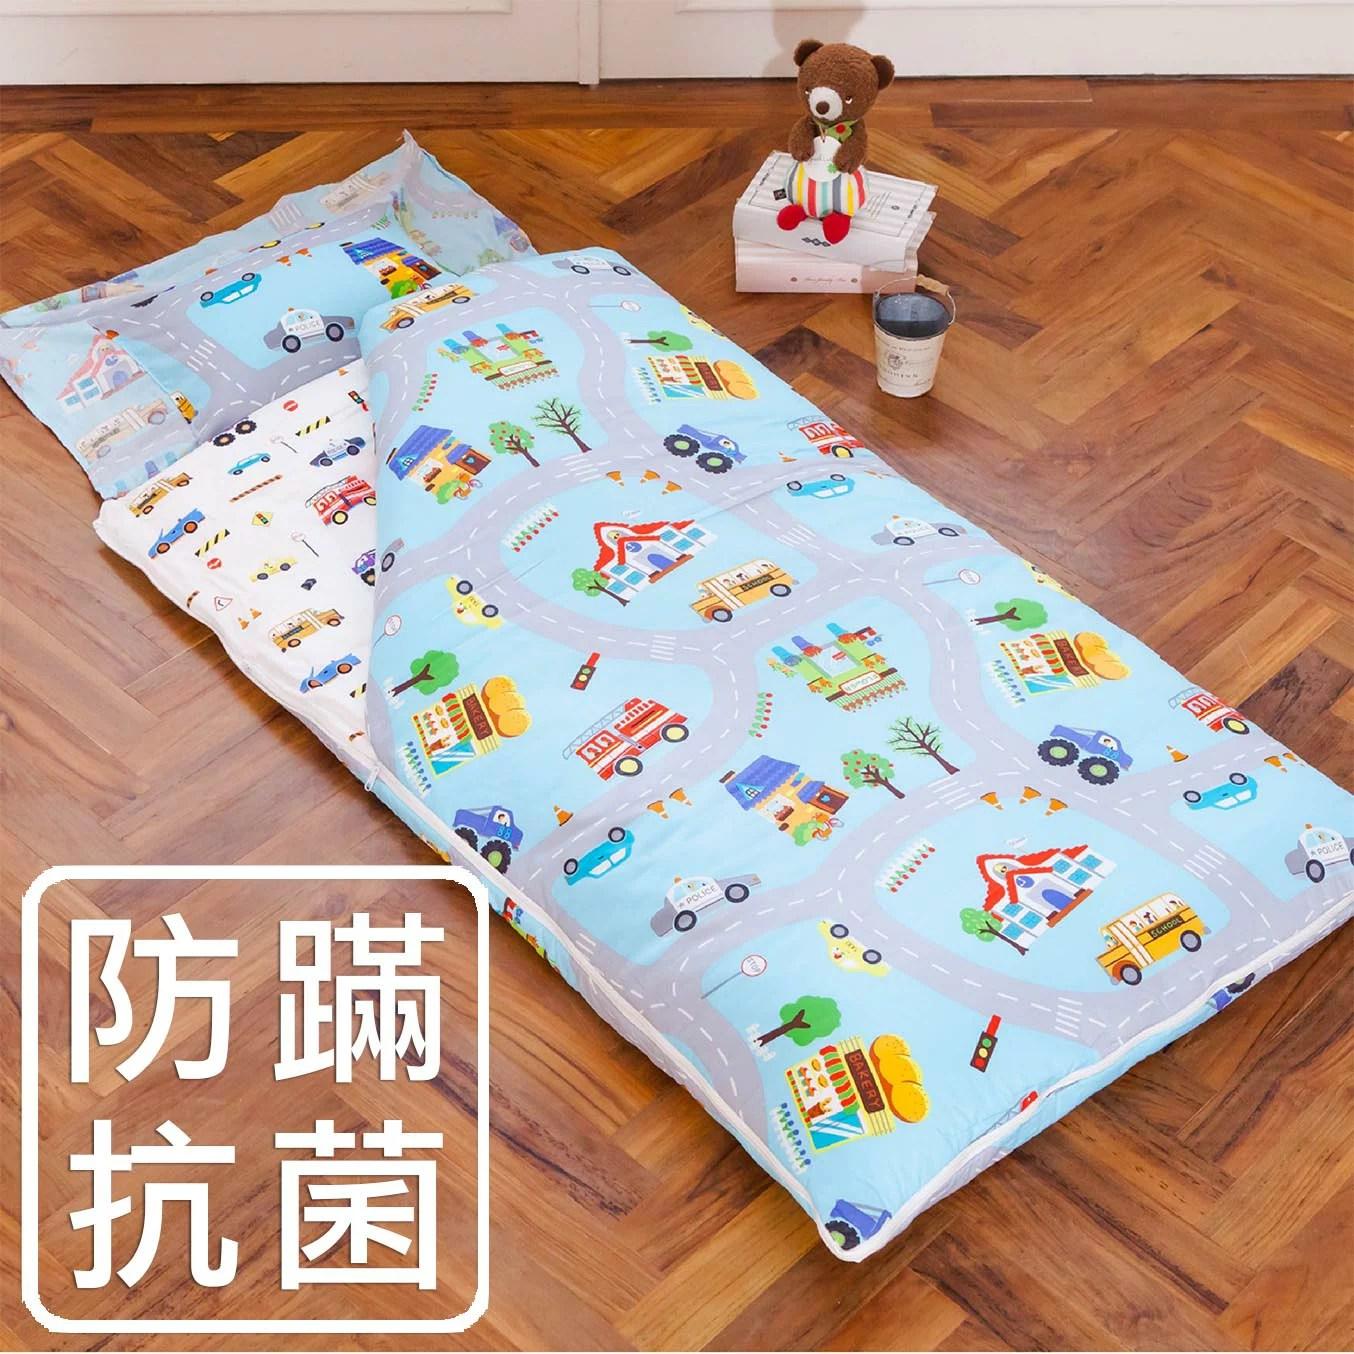 鴻宇兒童睡袋 的價格比價結果 - 比價撿便宜